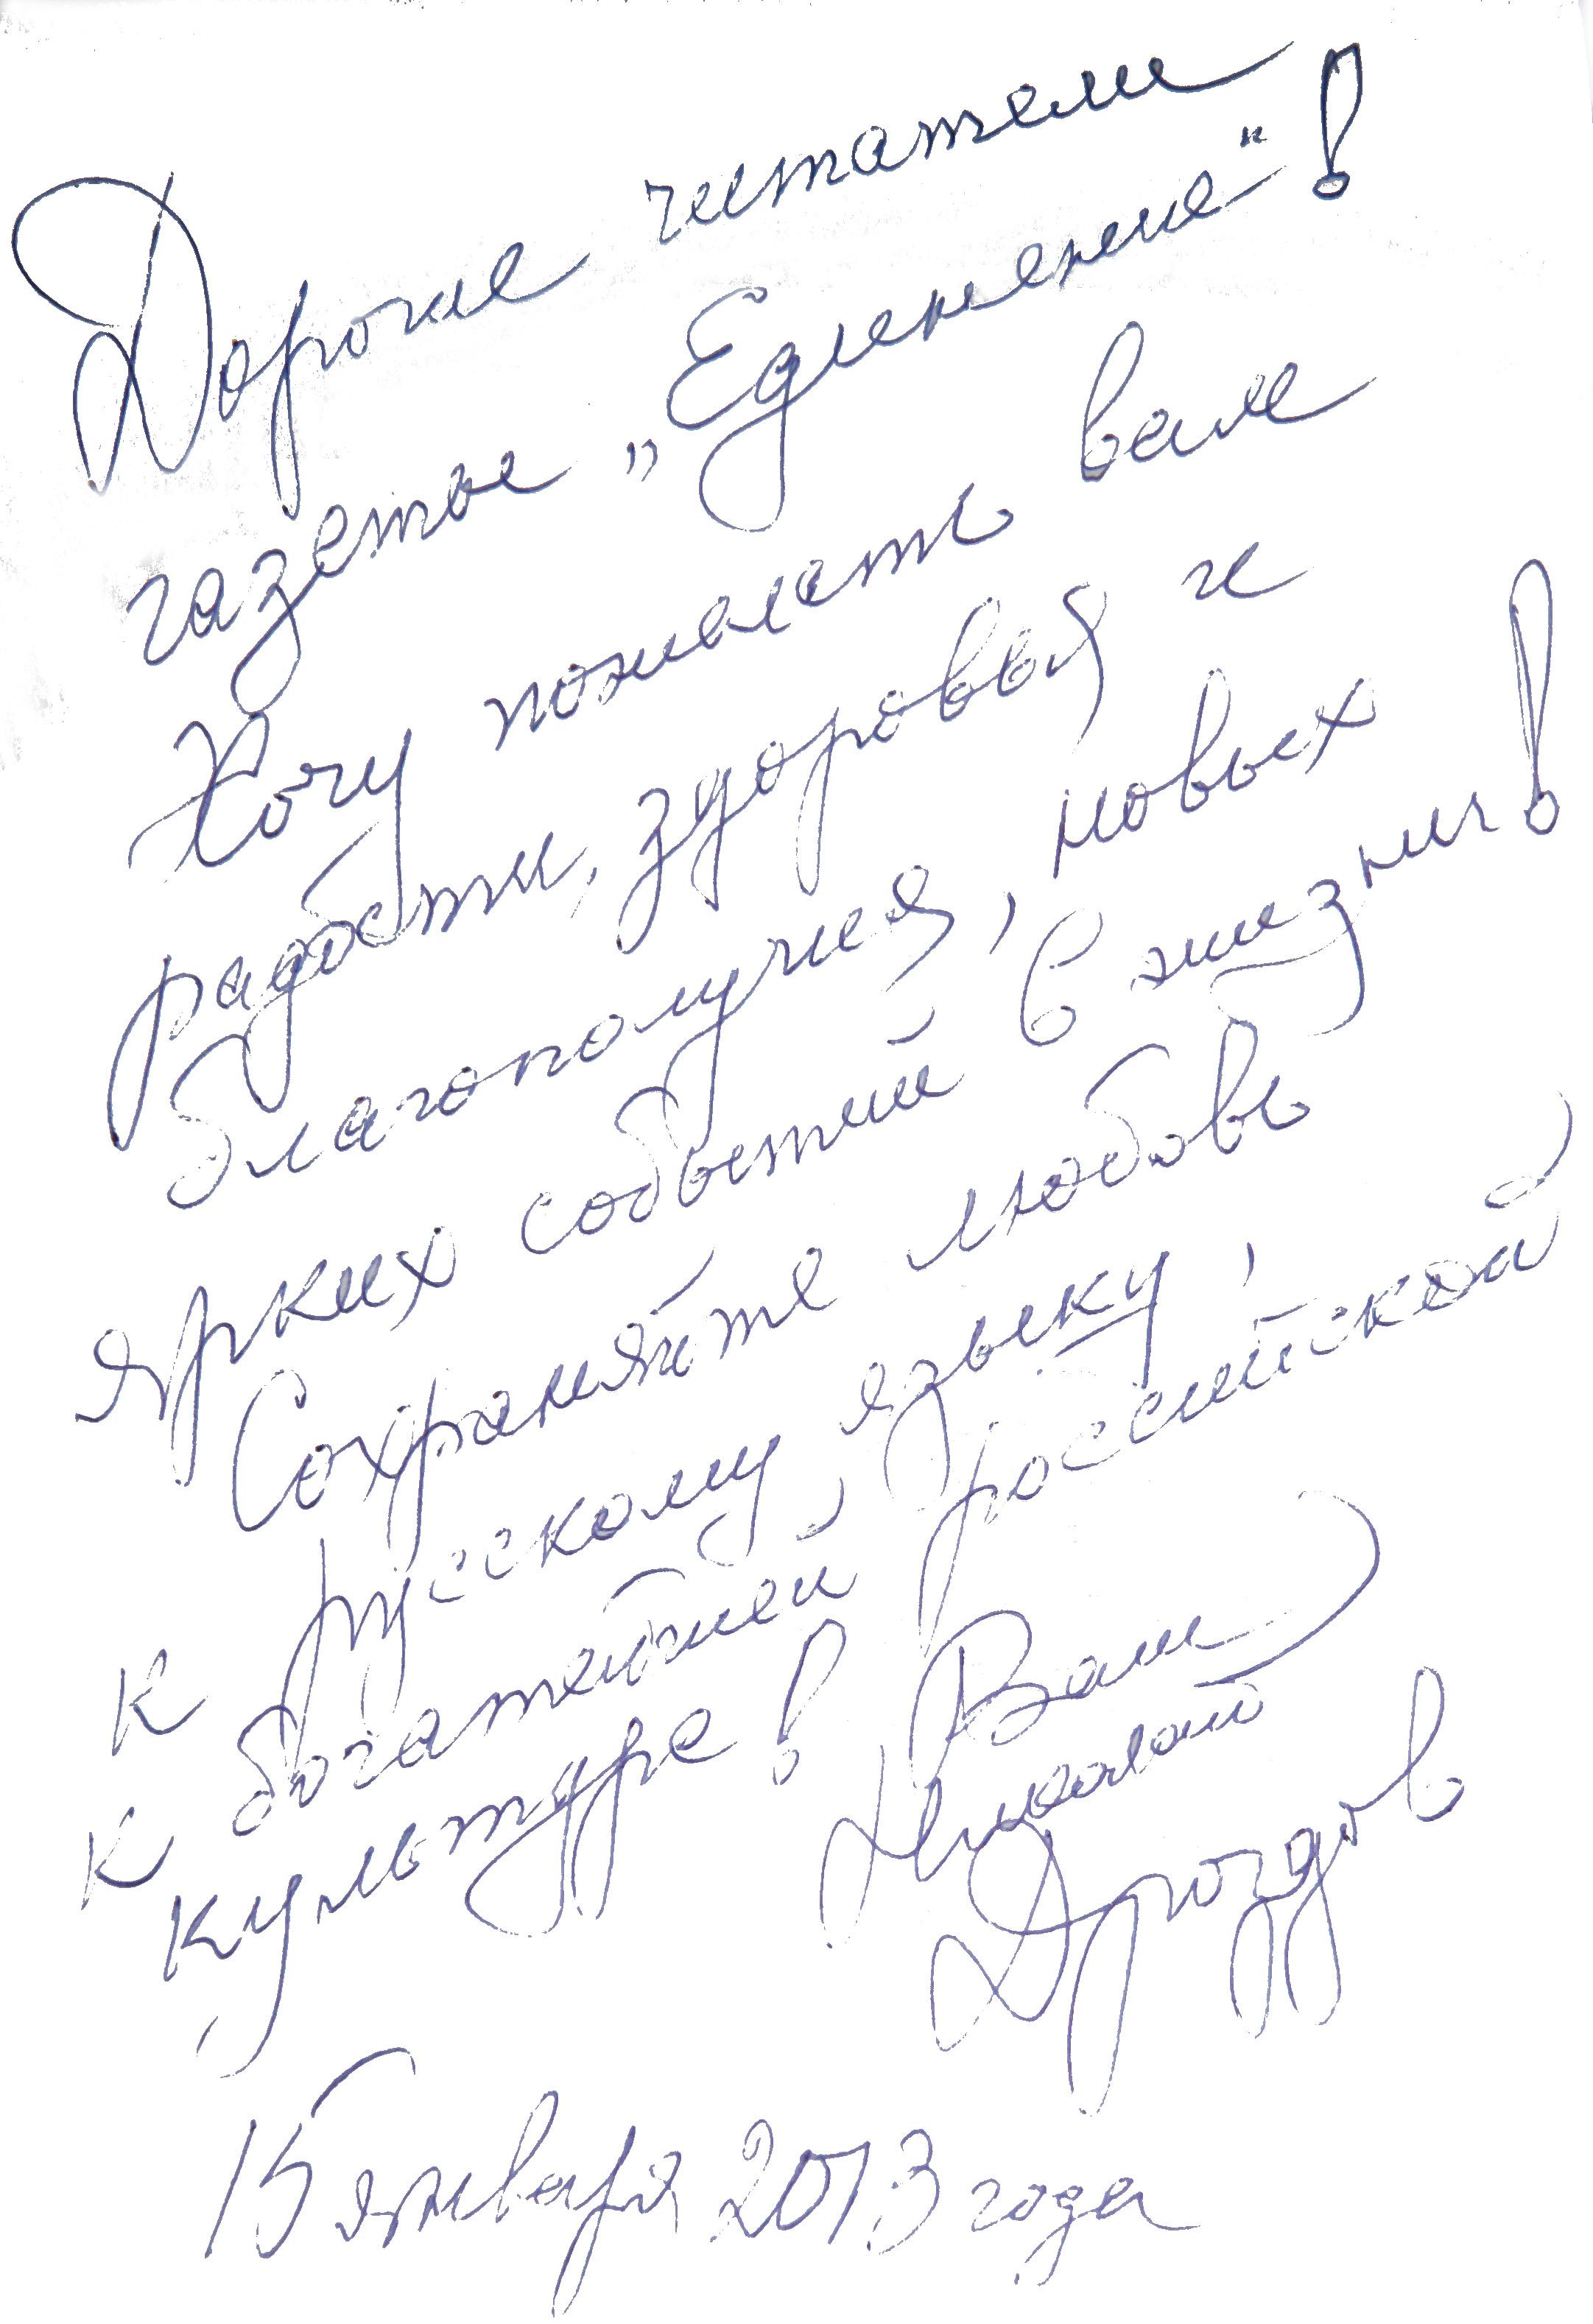 Пожелания Н.Дроздова читателям газеты